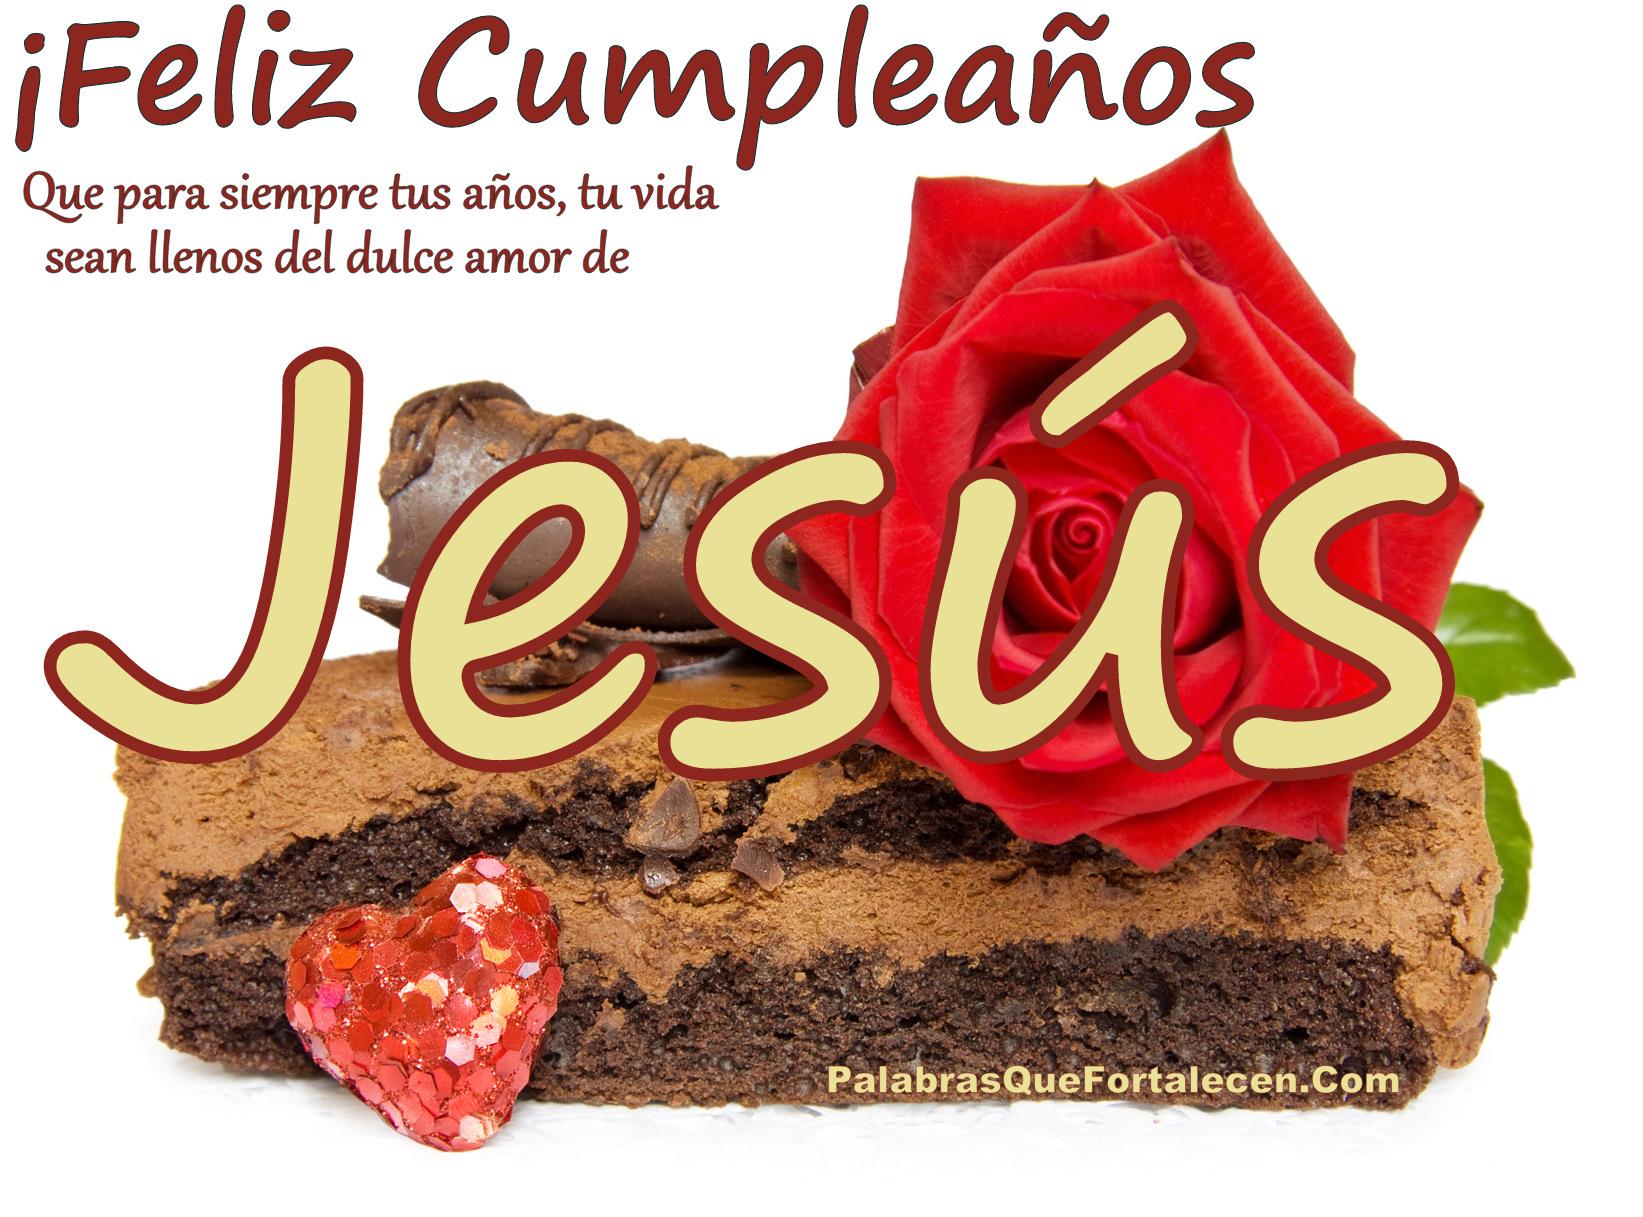 Happy birthday festive cake palabras que fortalecen - Felicitaciones de navidad cristianas ...